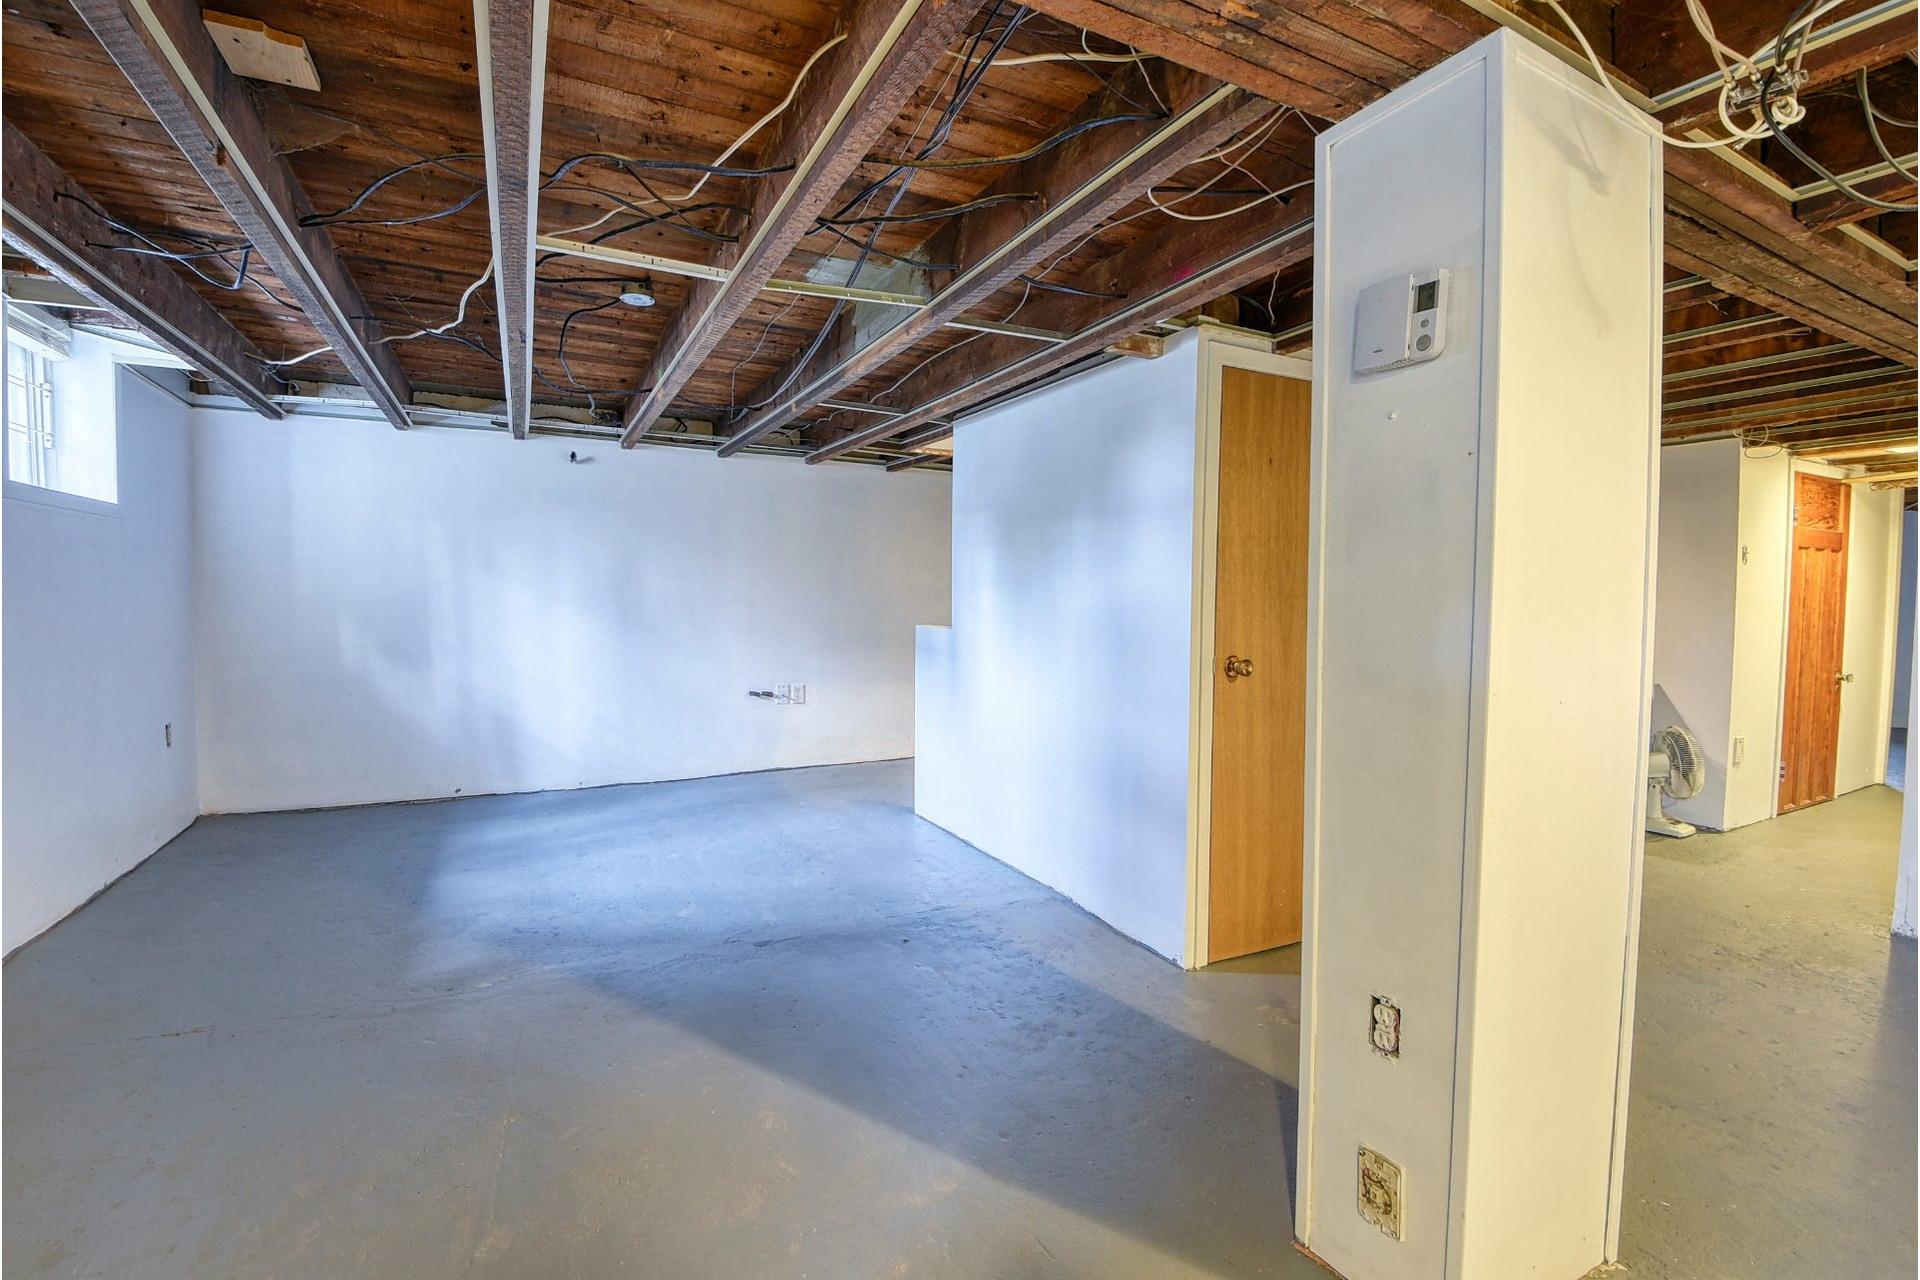 image 13 - Duplex For sale Lachine Montréal  - 7 rooms